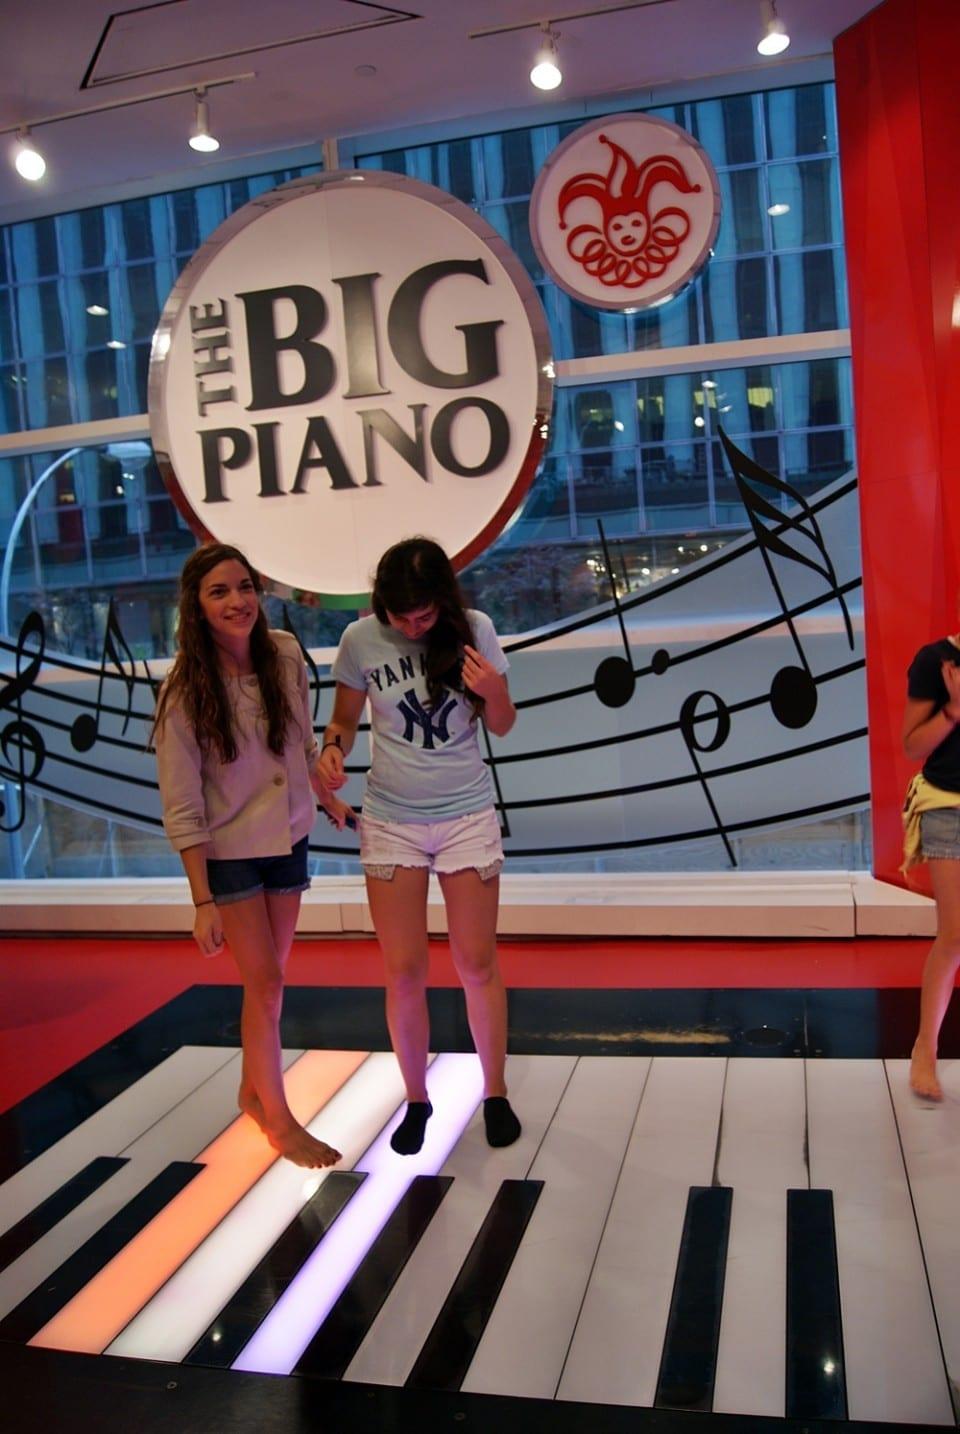 piano de Big, juguetería FAO Schwarz